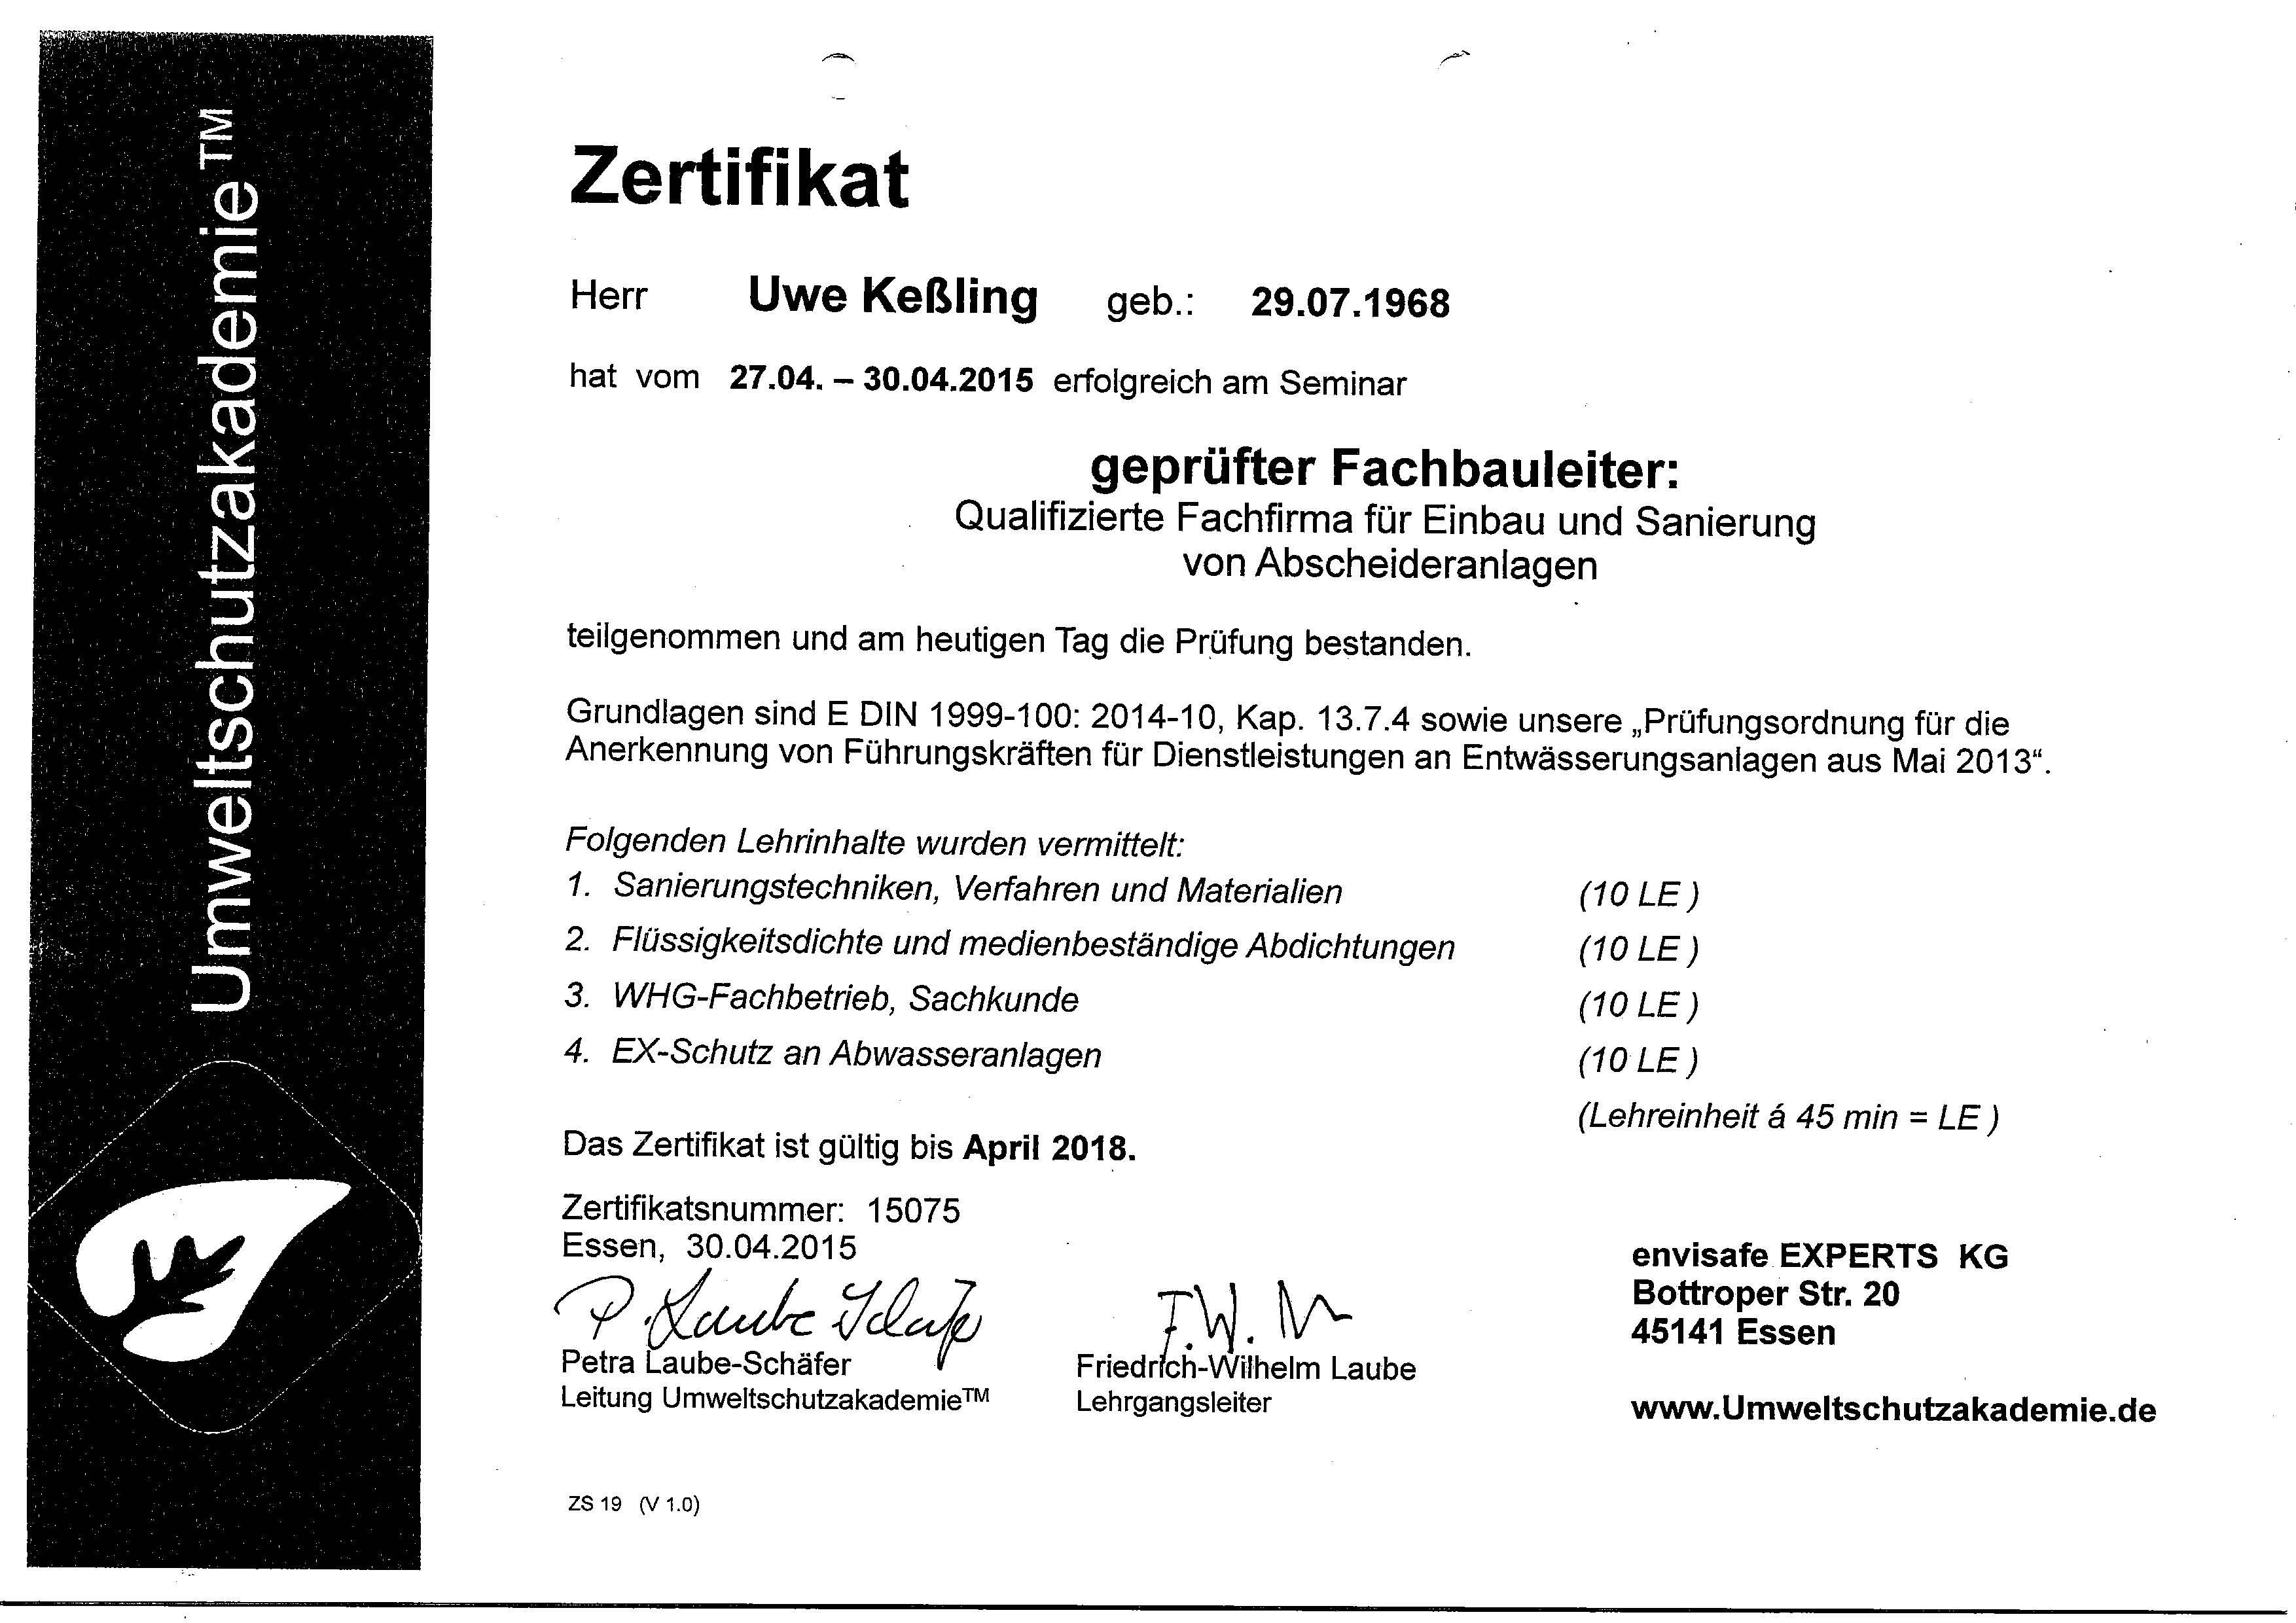 Großartig Zertifikate Für Exzellenzvorlagen Ideen - Entry Level ...